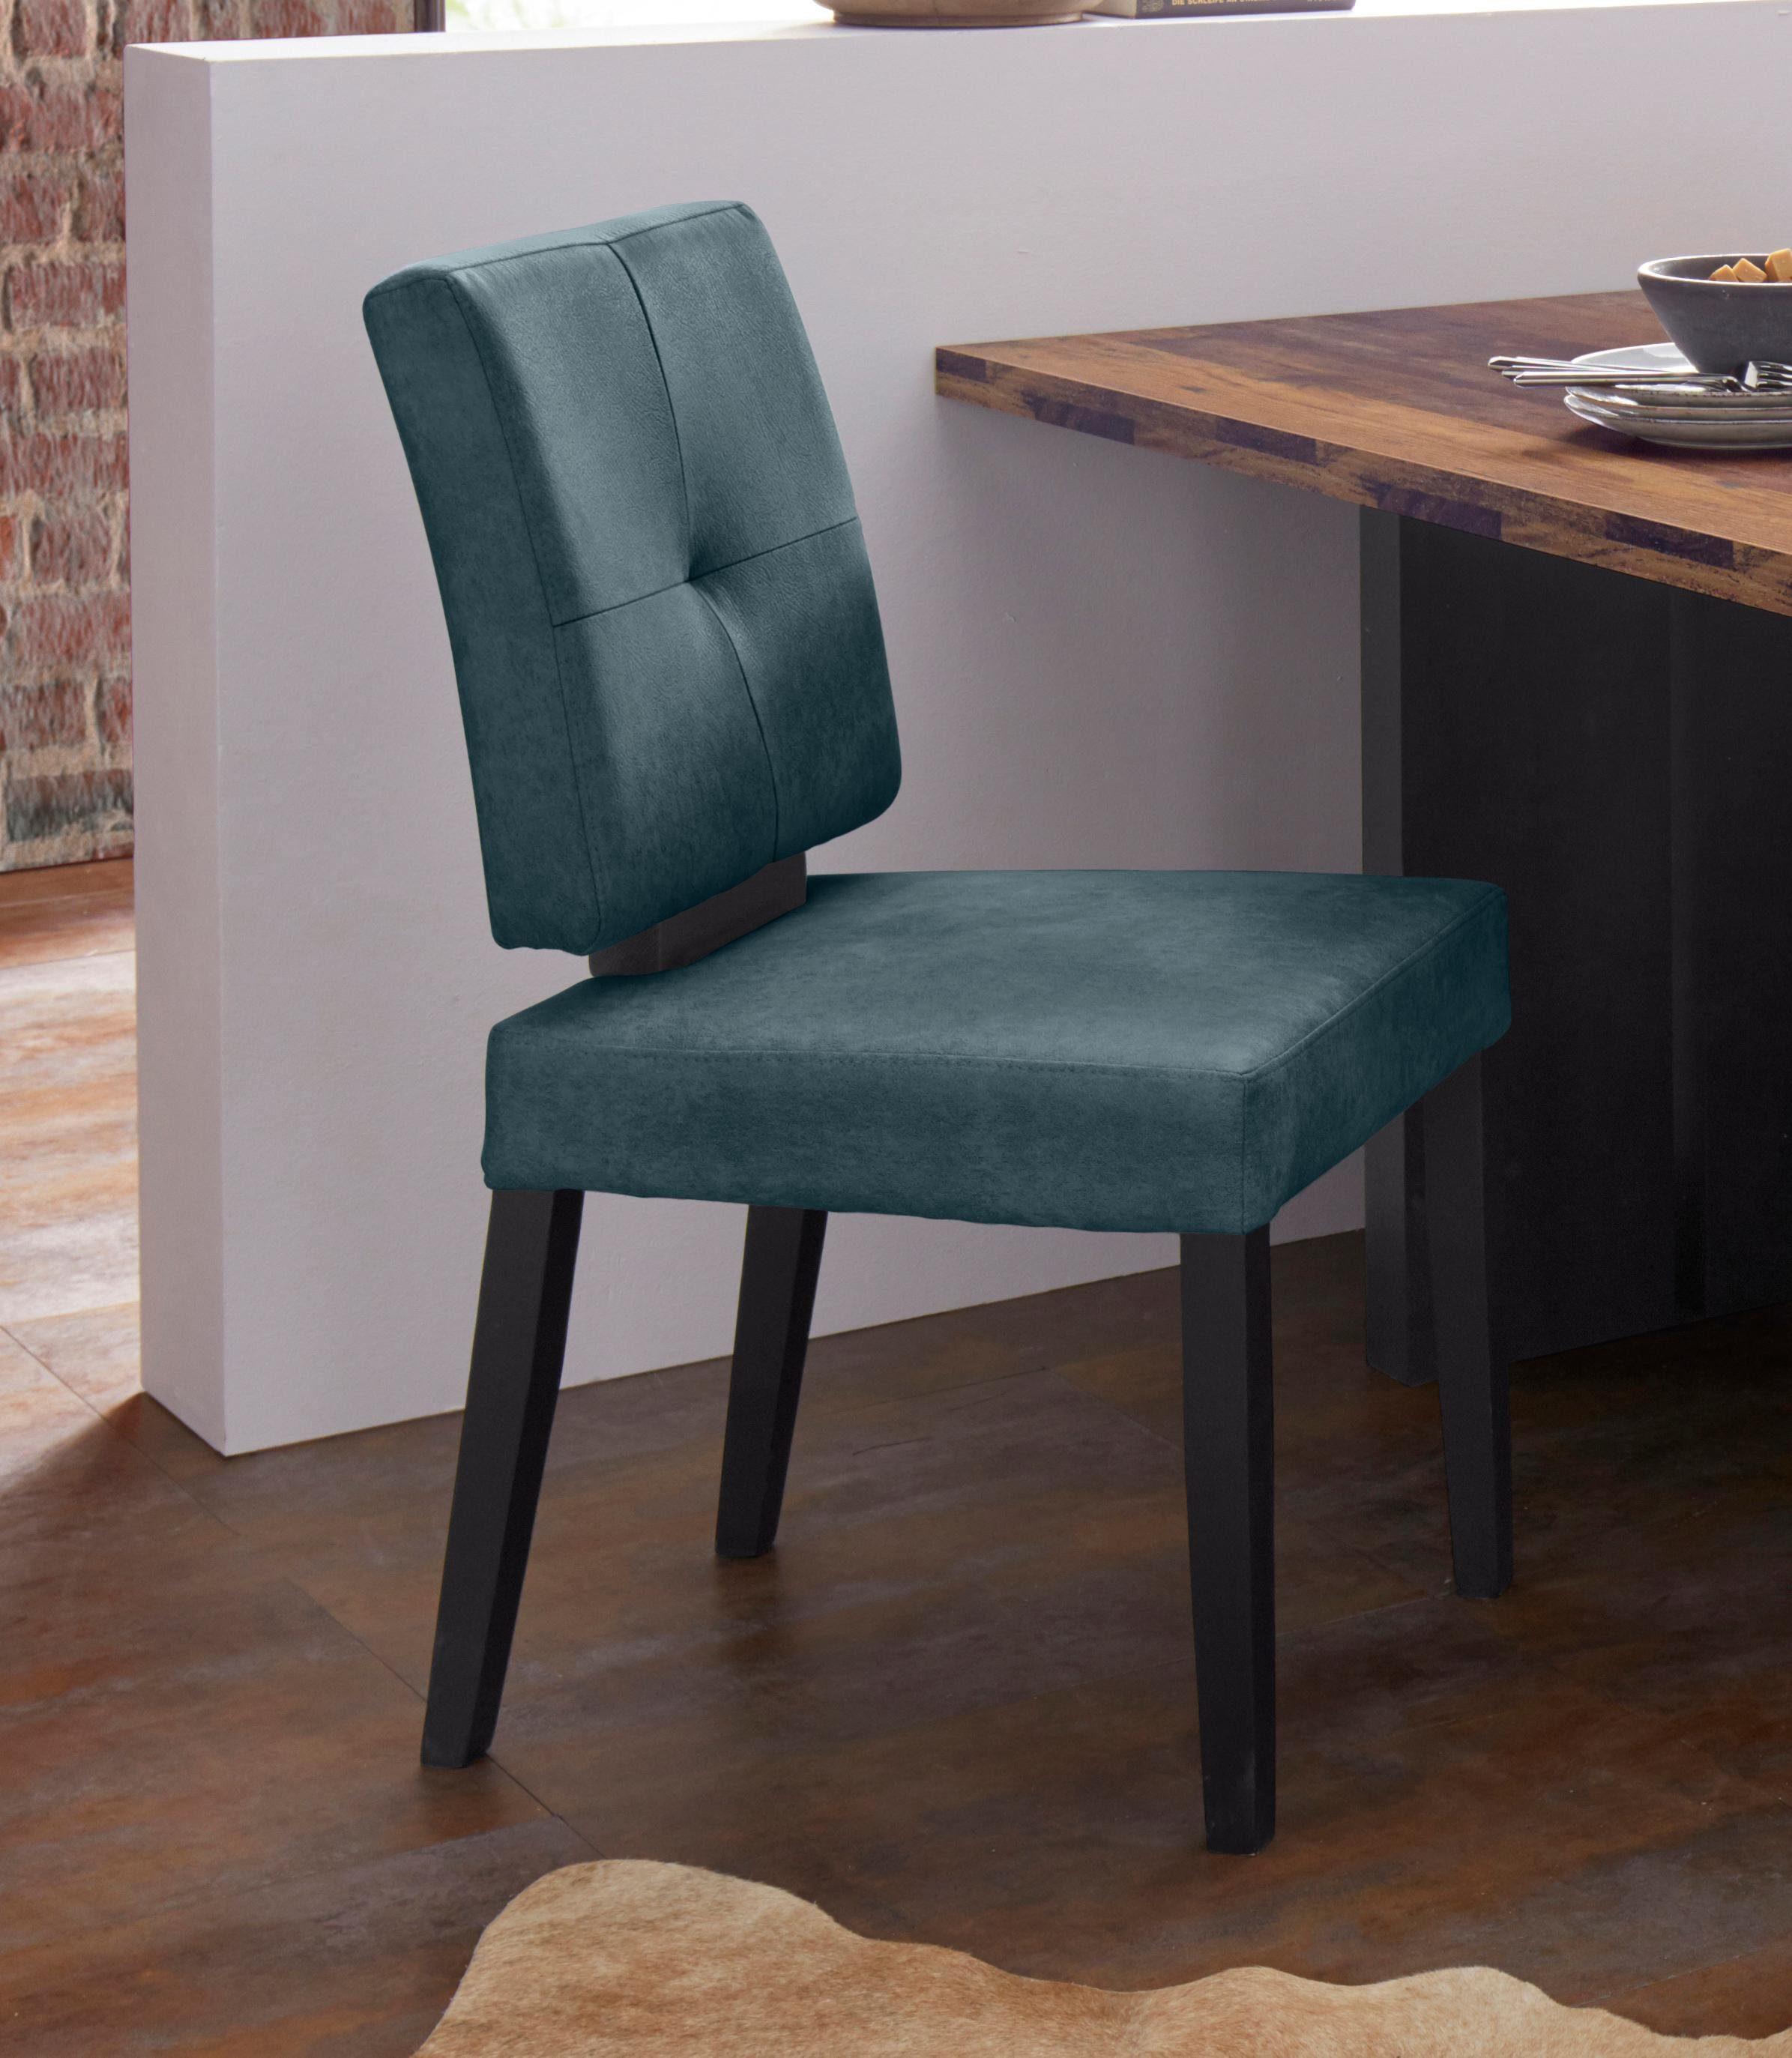 Stuhl »Emporion Premium«, Sitz und Rücken gepolstert online kaufen | OTTO